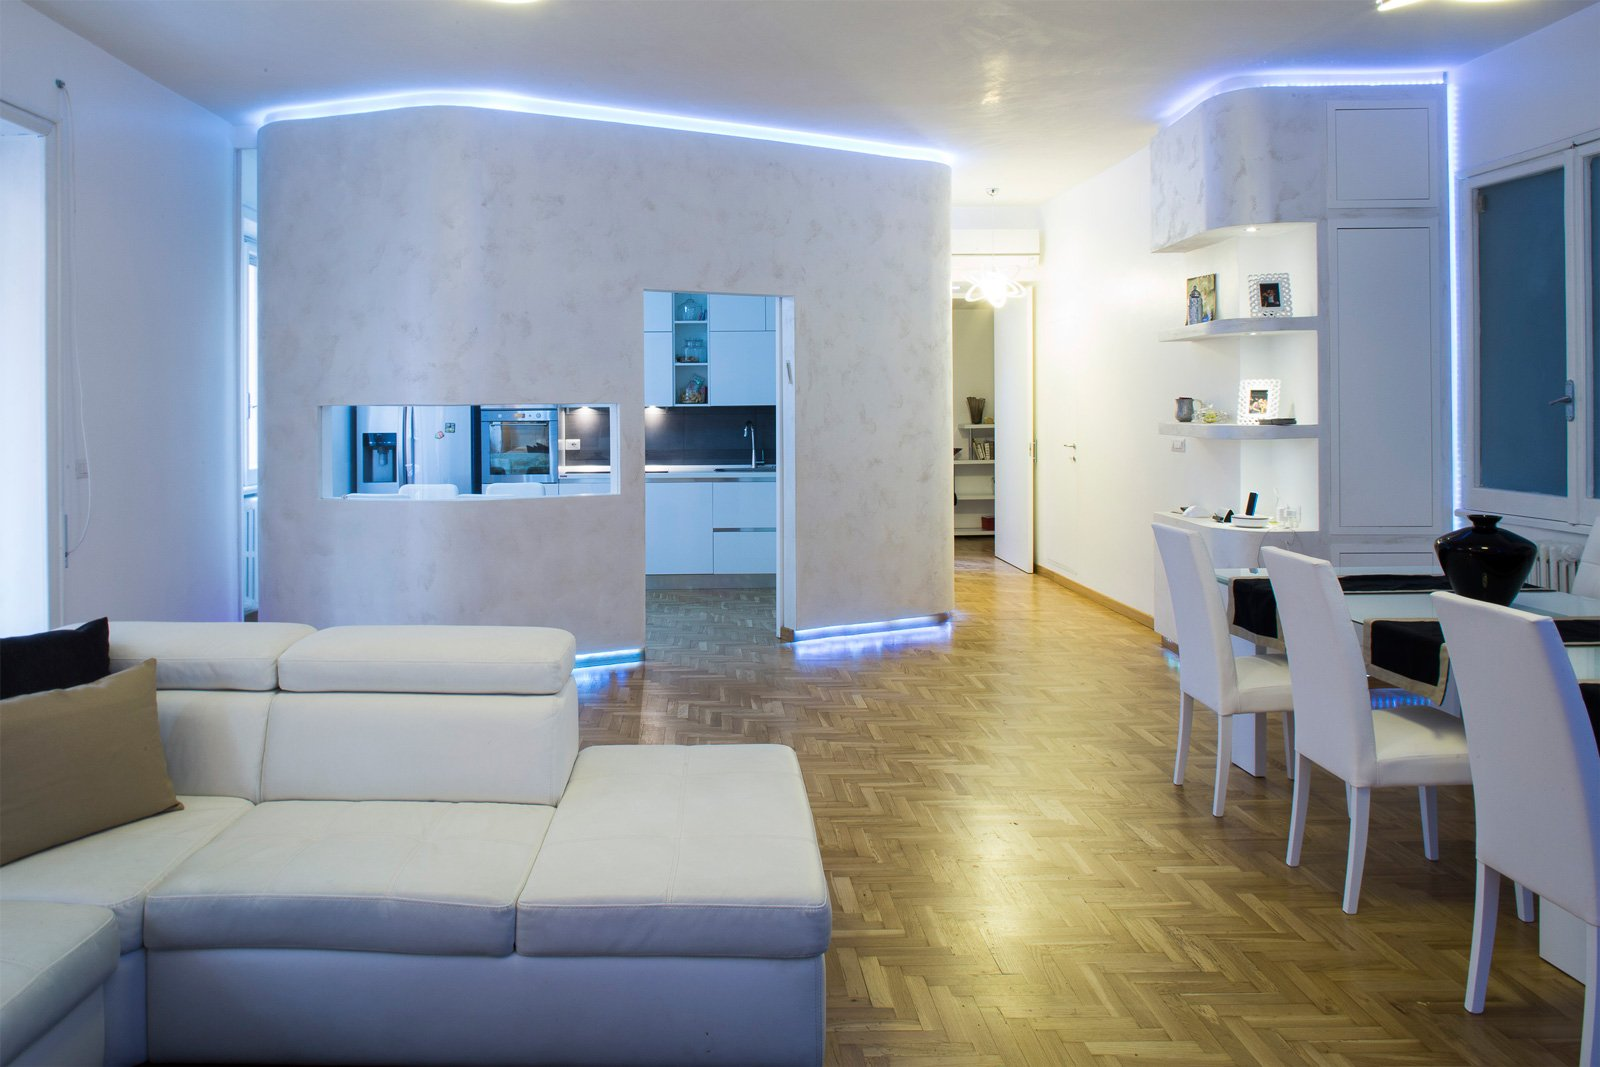 Cose La Camera Da Letto Padronale : Una casa con spazi meglio organizzati e due bagni in più cose di